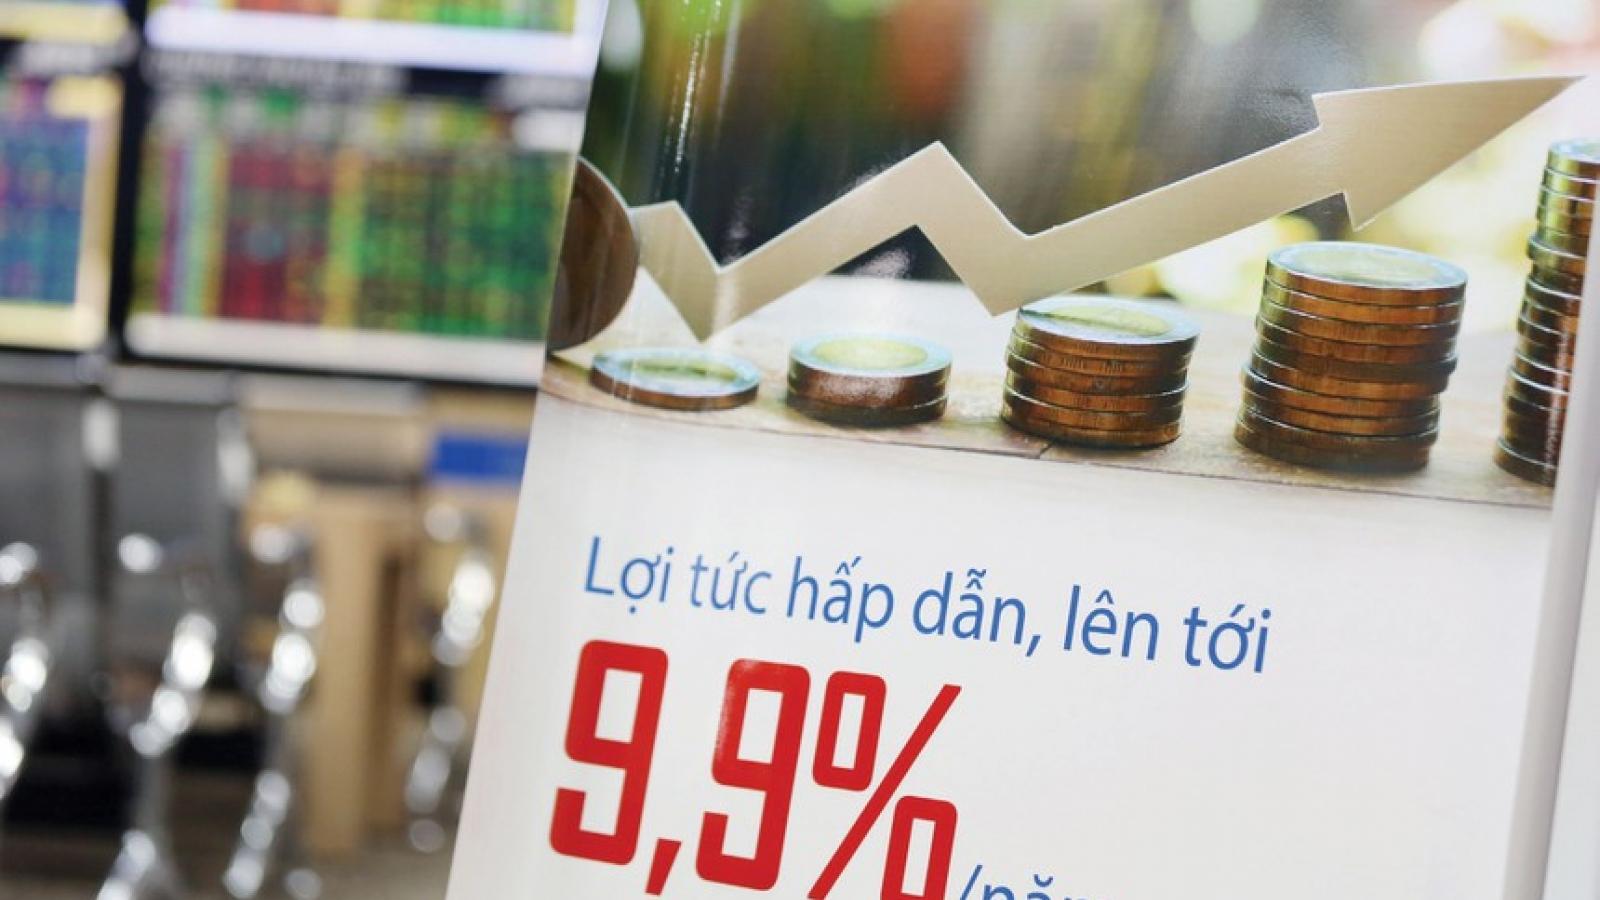 """Cảnh báo rủi ro trước sự """"lớn nhanh"""" của thị trường trái phiếu doanh nghiệp"""